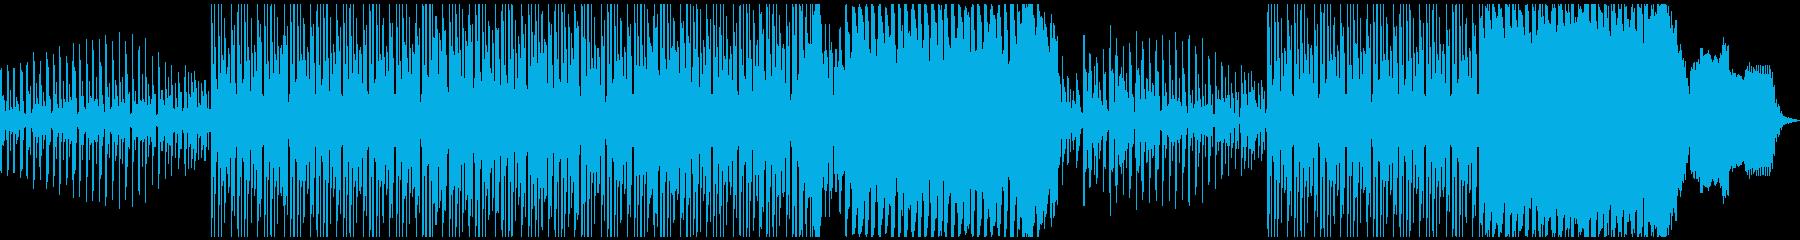 電気楽器。風変わりなロボットの溝。...の再生済みの波形